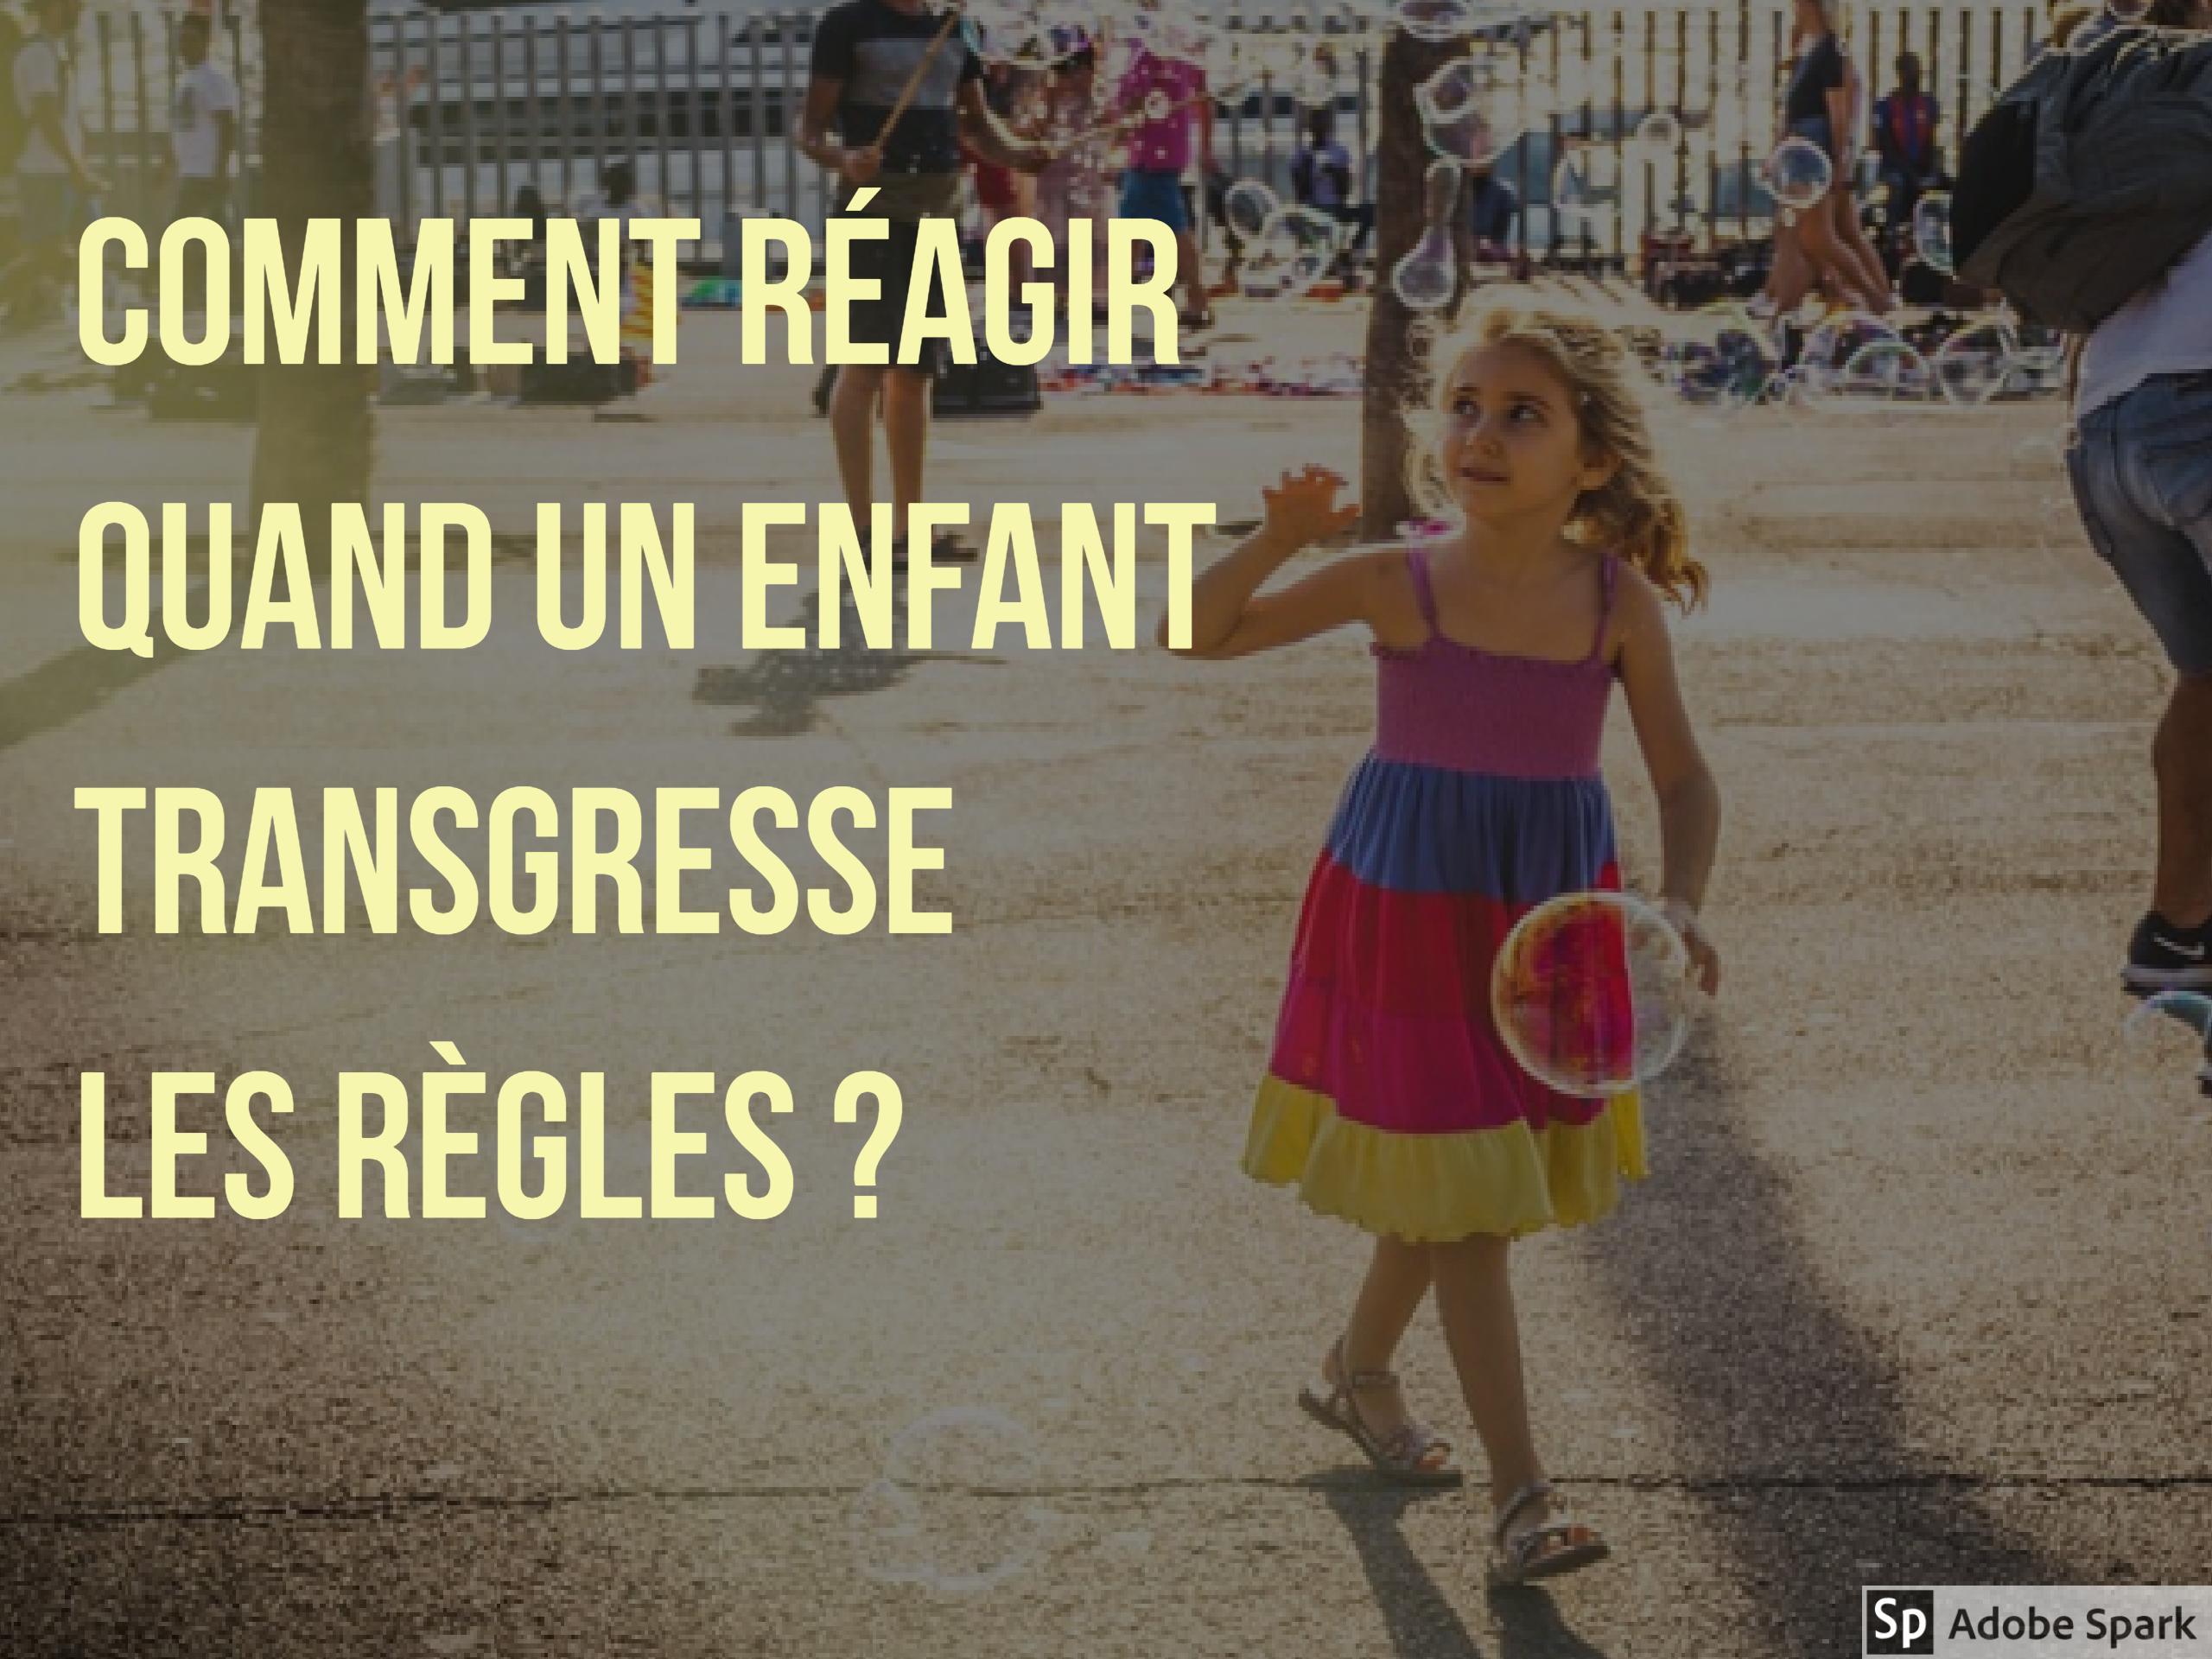 Comment réagir quand un enfant transgresse les règles ?